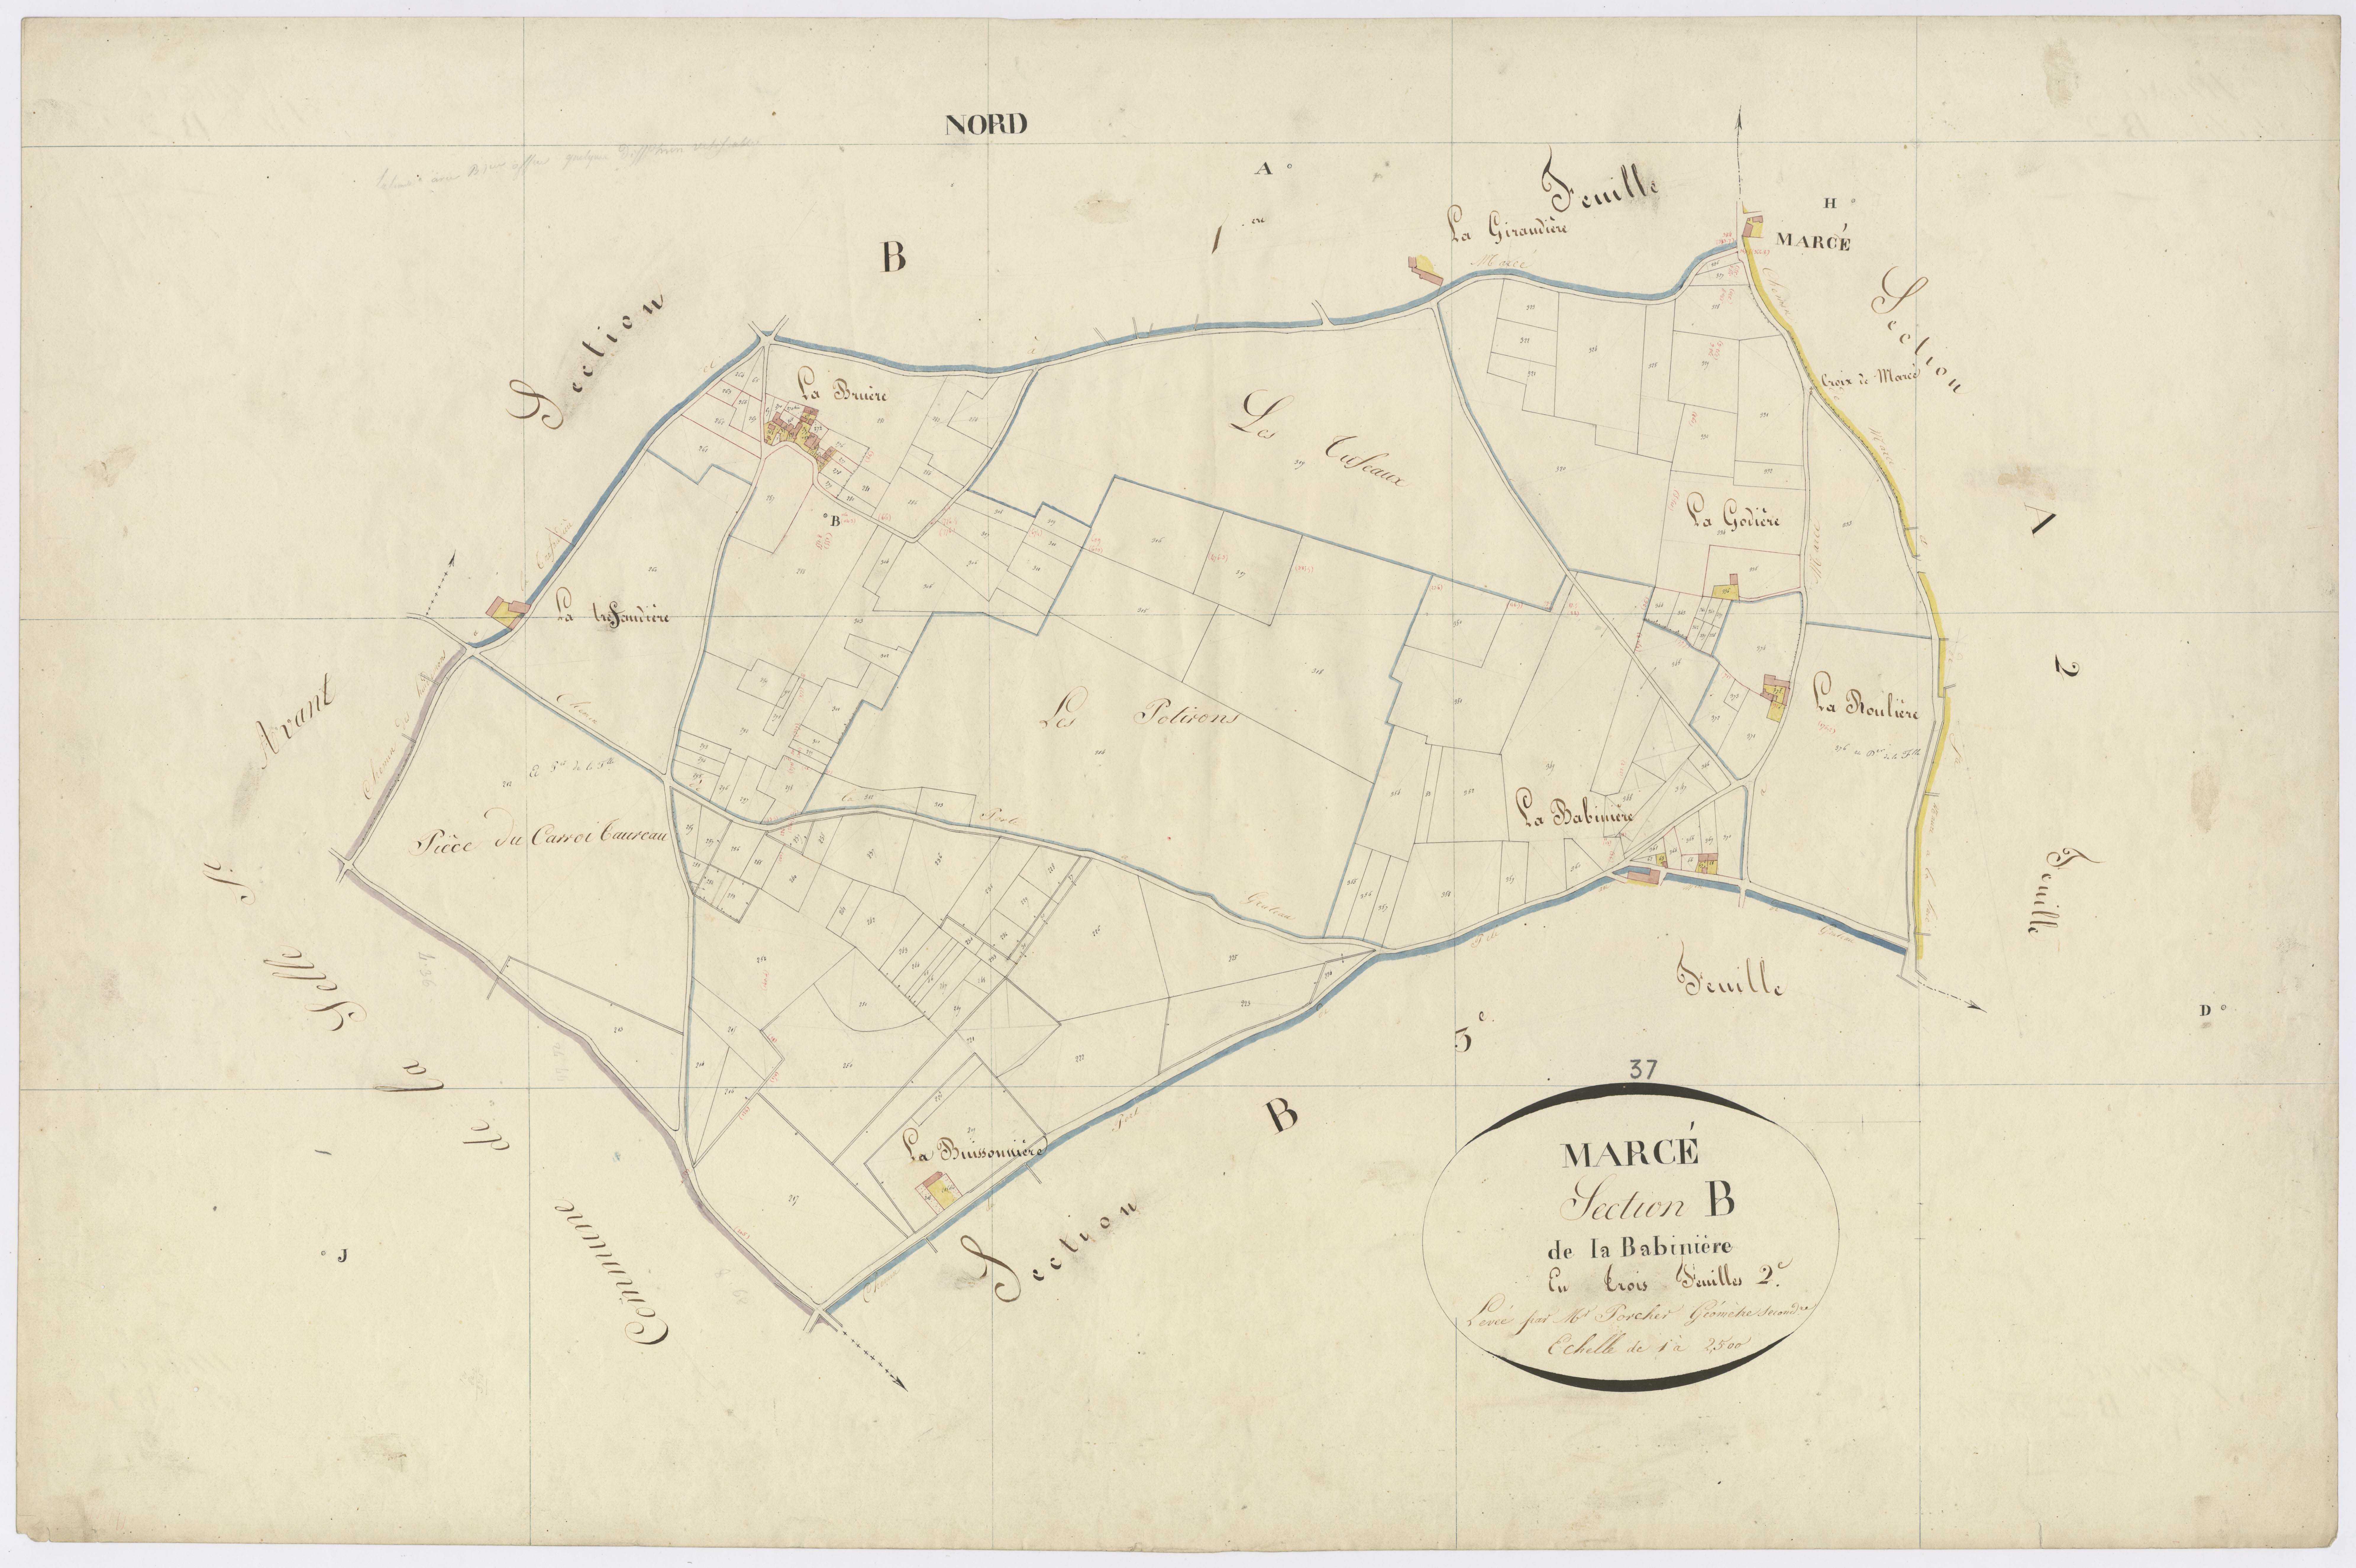 Section B2 de la Babinière